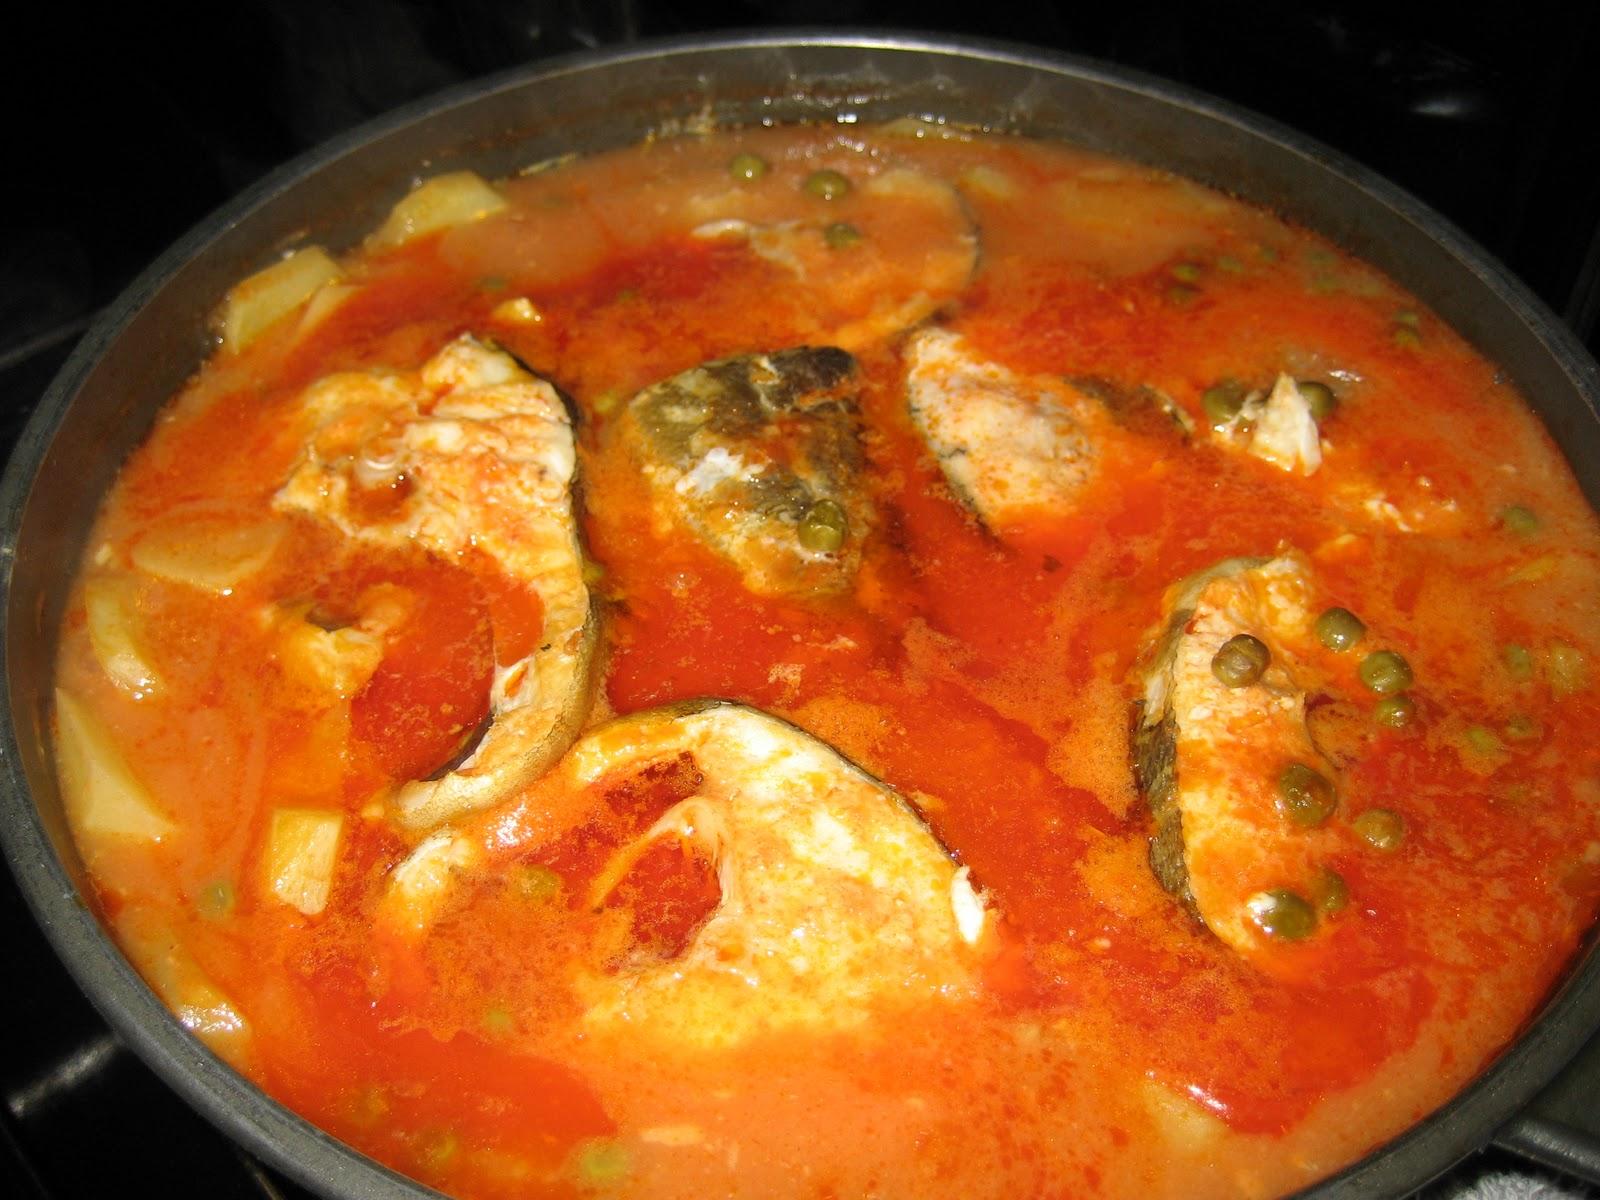 Cocinando para mis peques bacalao guisado al horno - Bacalao guisado con patatas ...